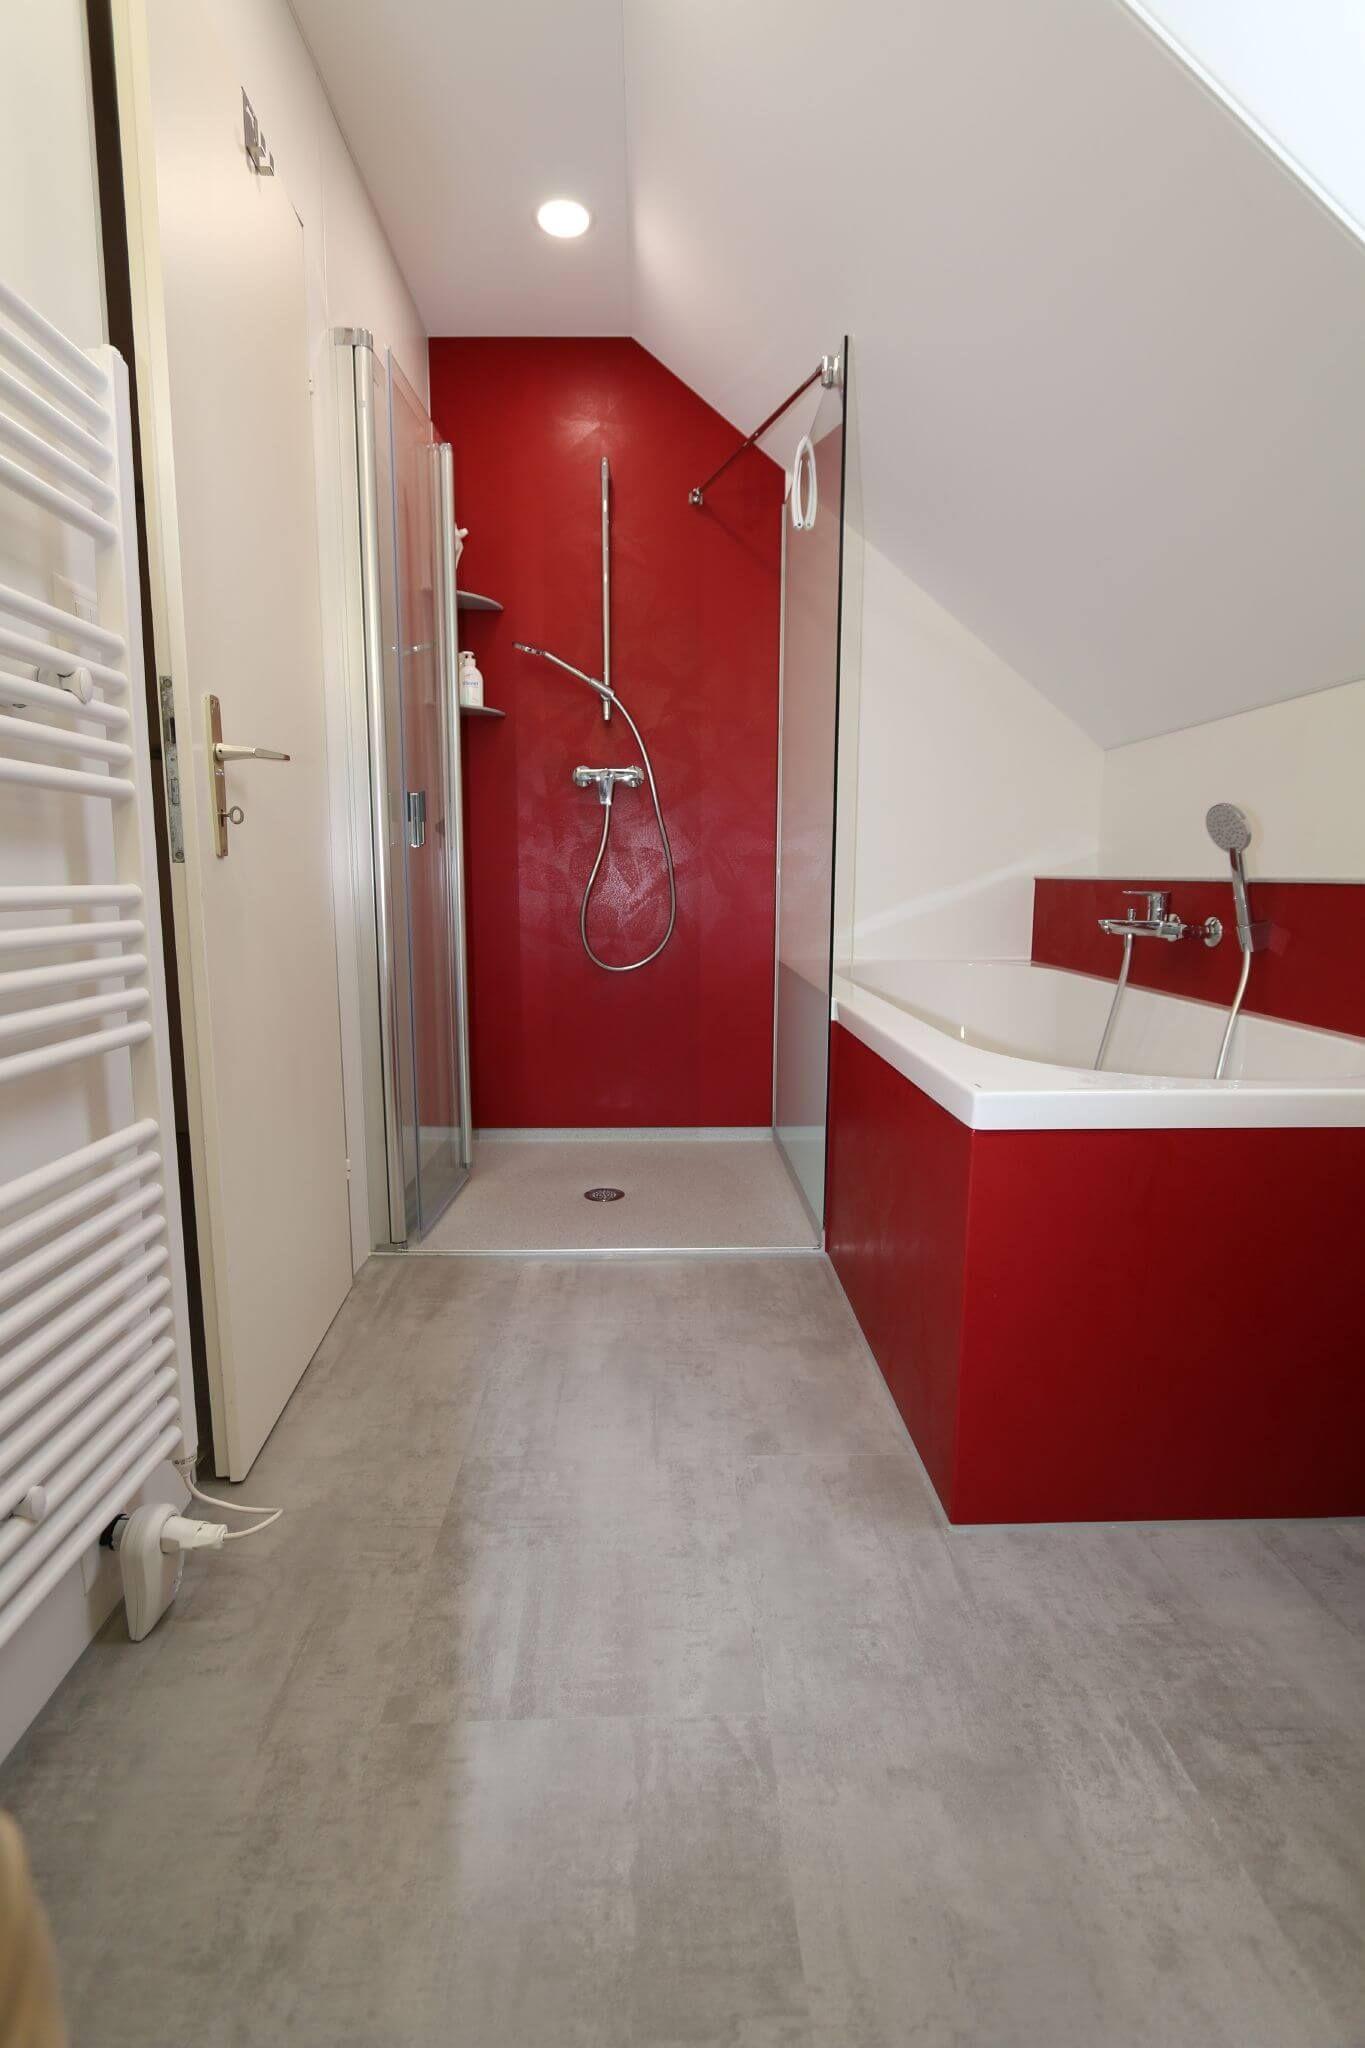 Traumbad Mit Bodengleicher Dusche In 24h Badsanierung Sanierung Neues Bad